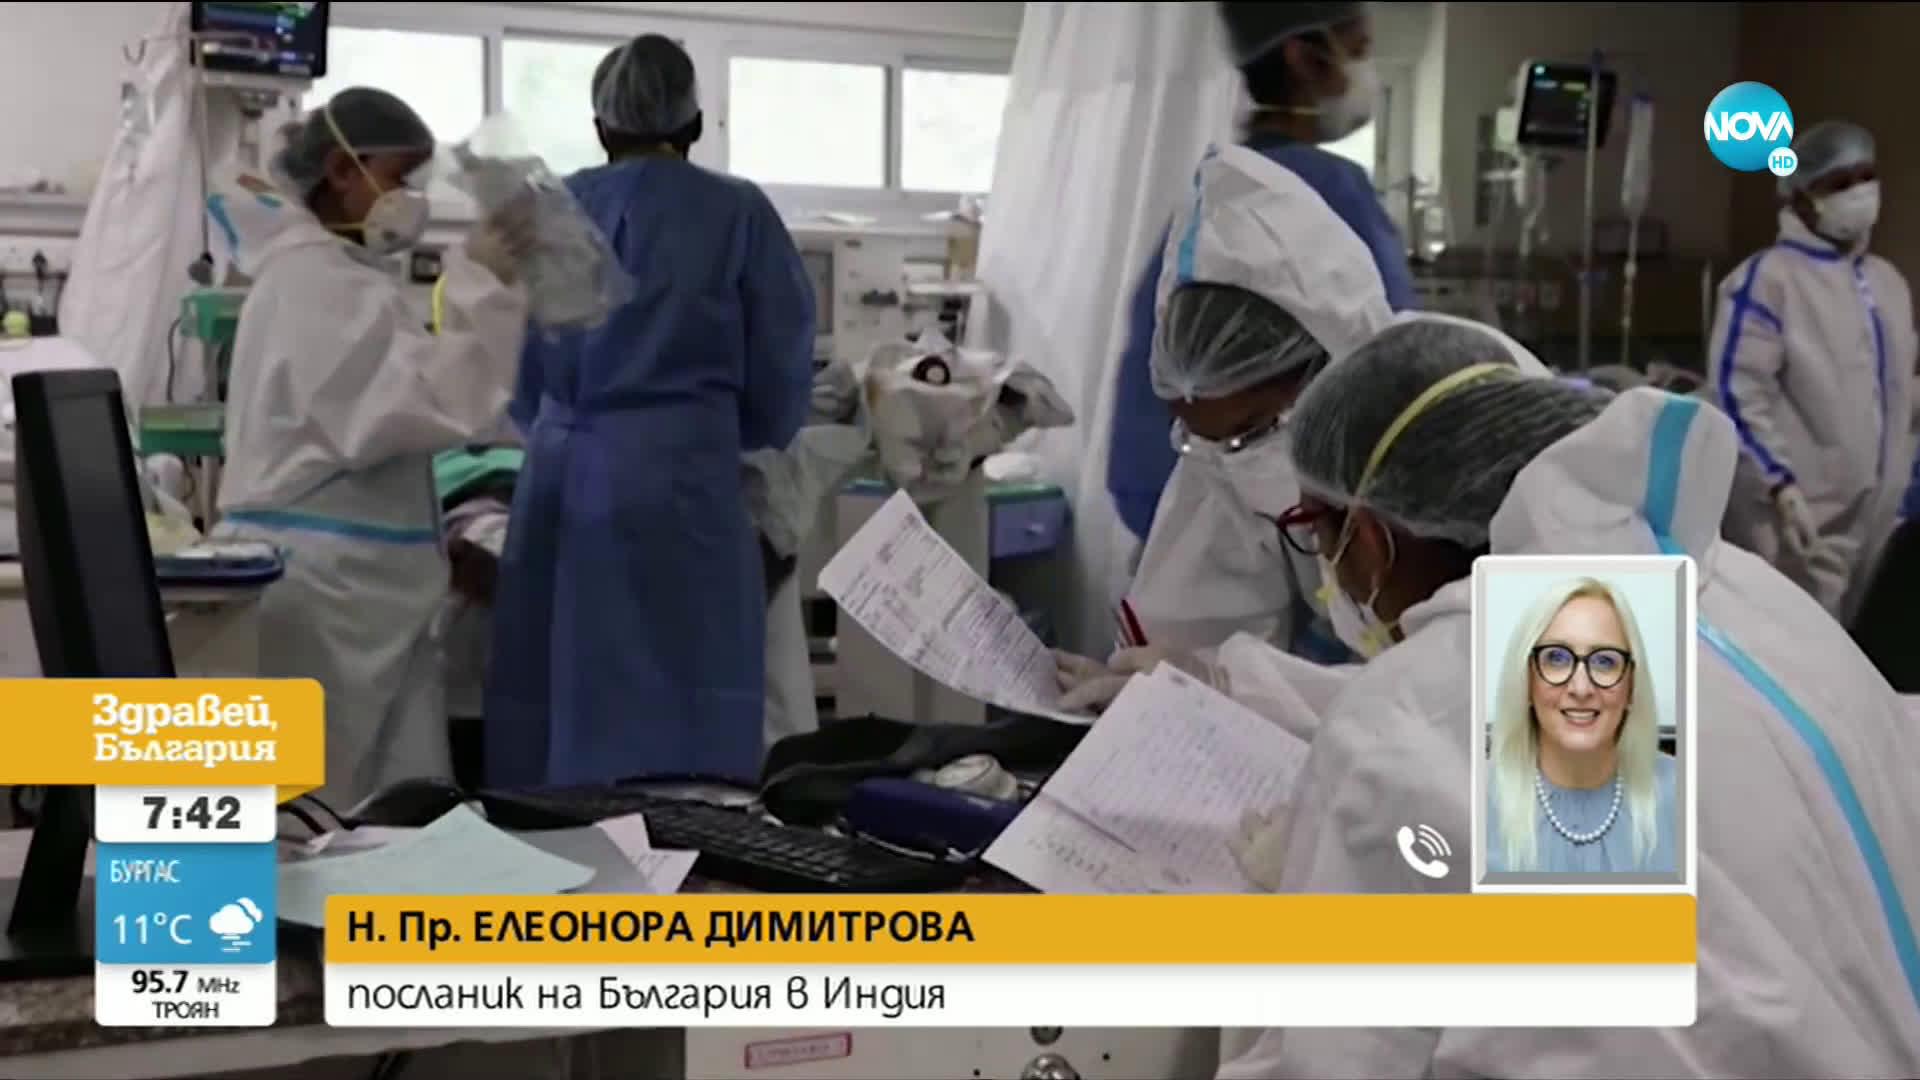 Посланик Димитрова: Коронавирусът не си отива! Случващото се в Индия го показва